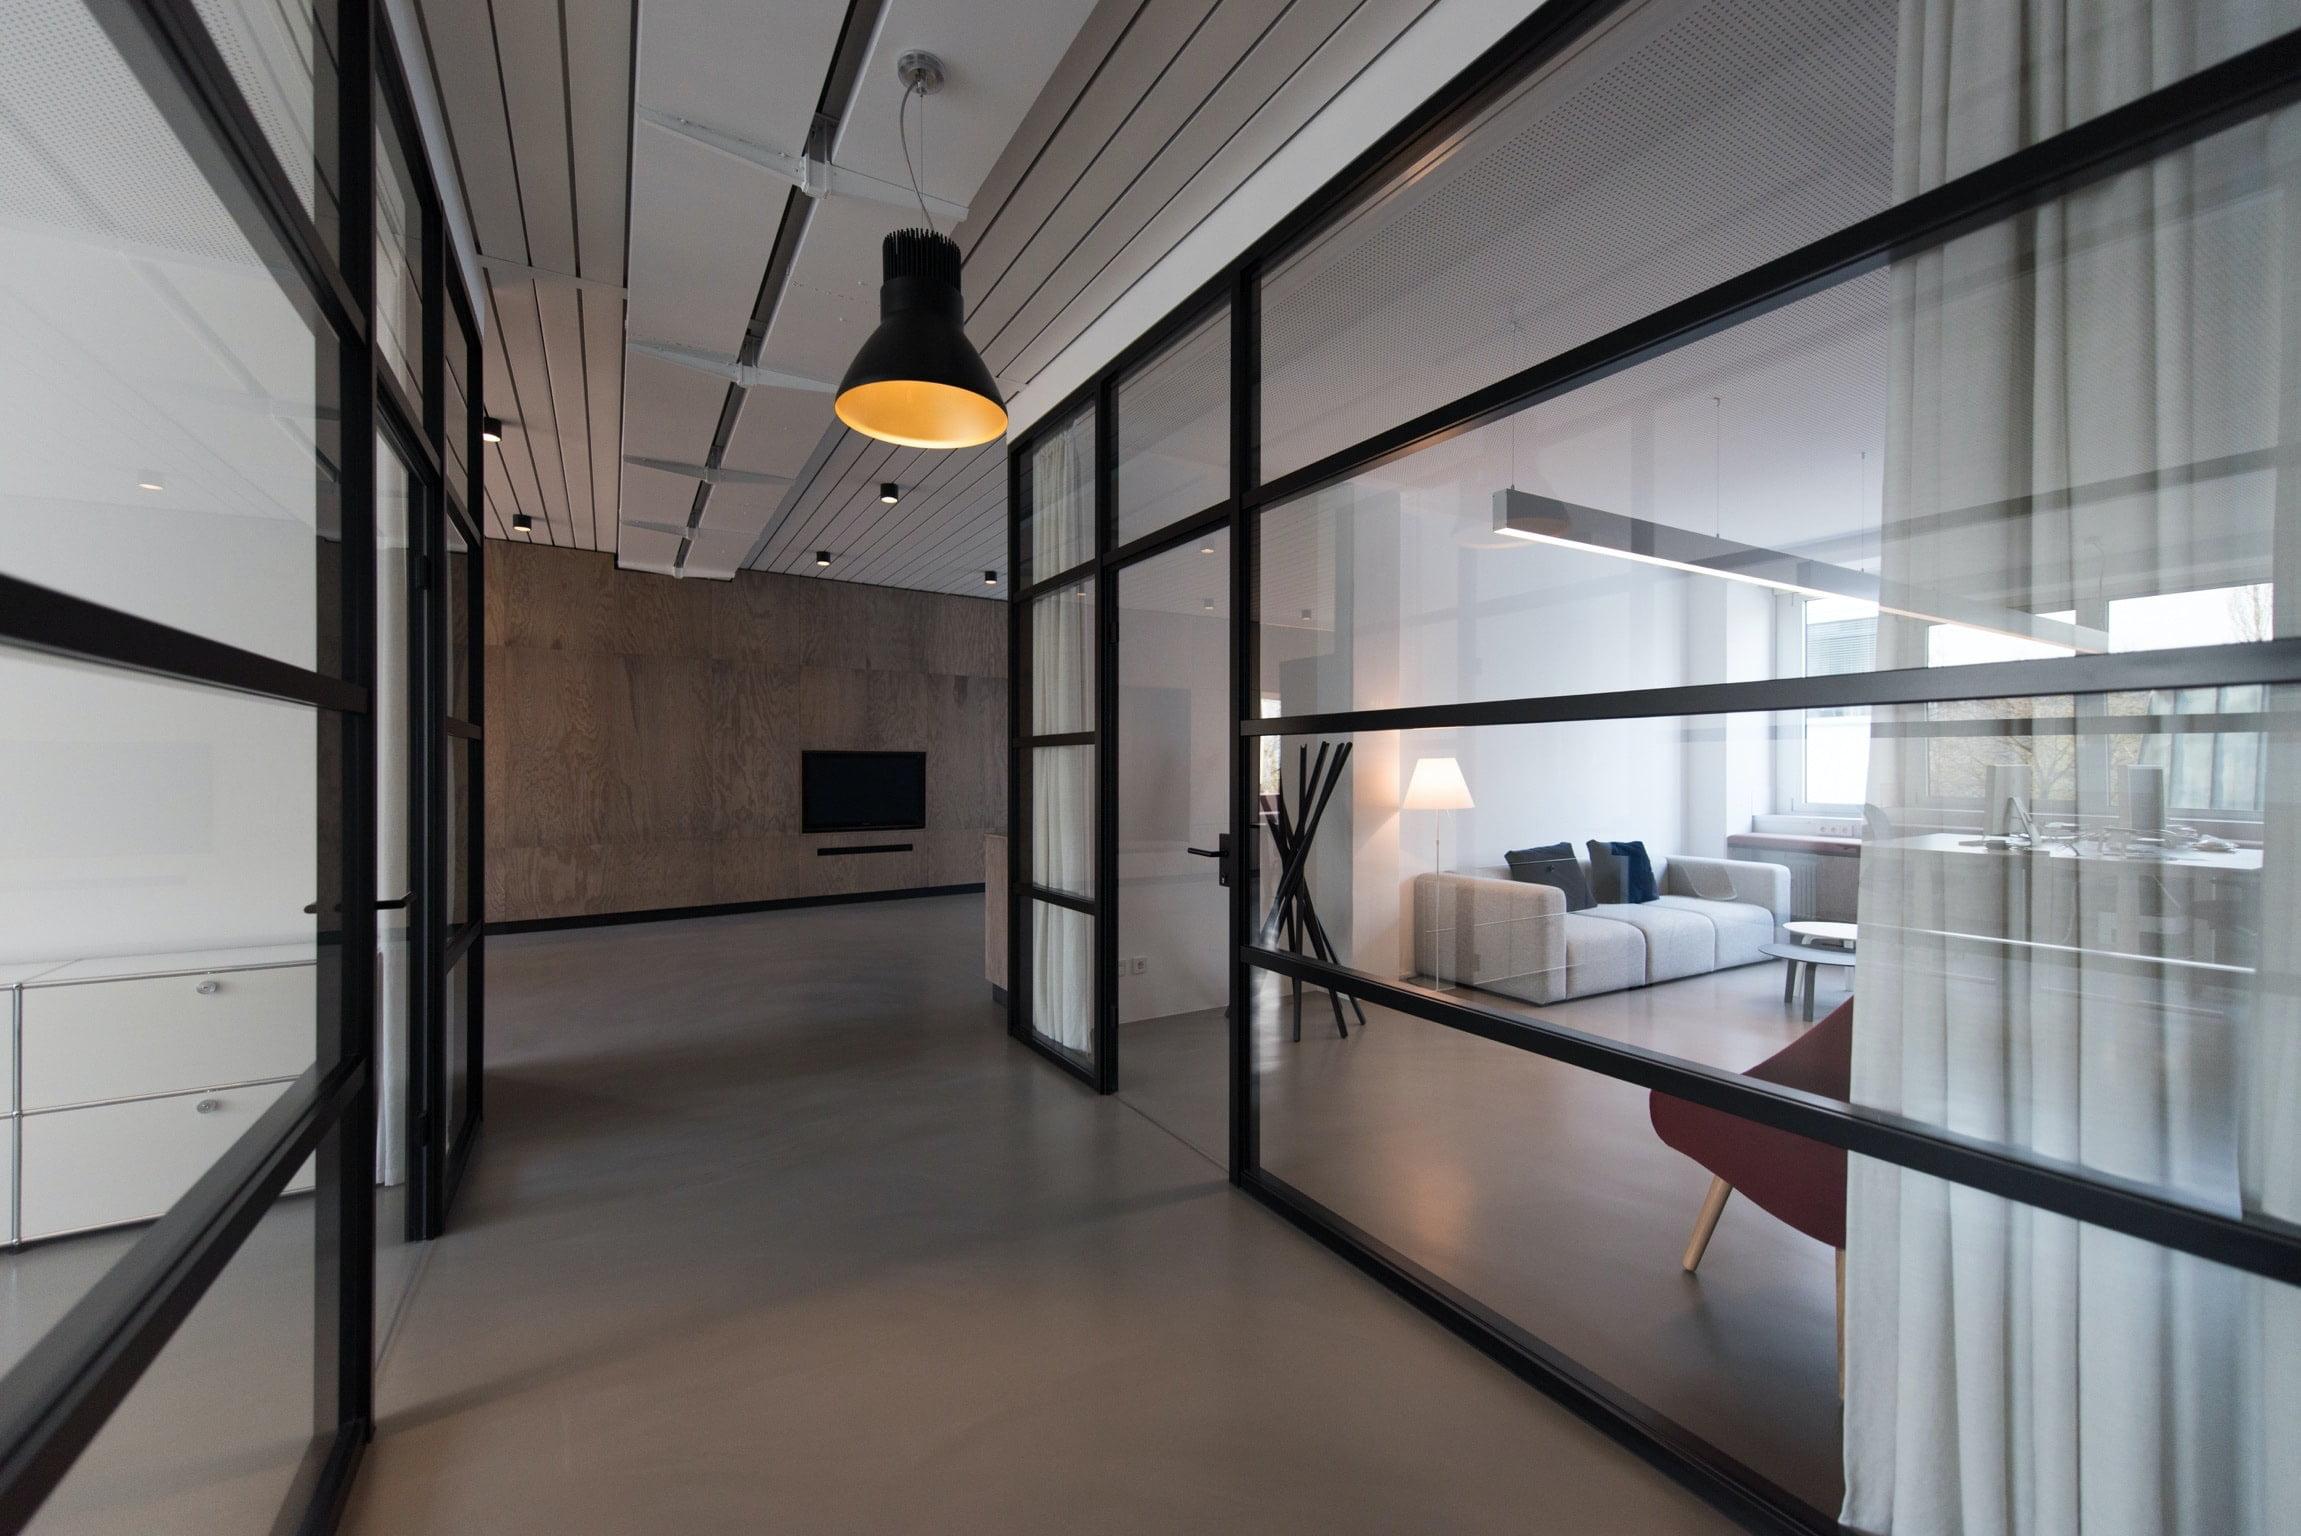 Aménagement d'espaces insonorisés pour vos bureaux professionnels grâce à notre architecte d'intérieur Elégance au m2